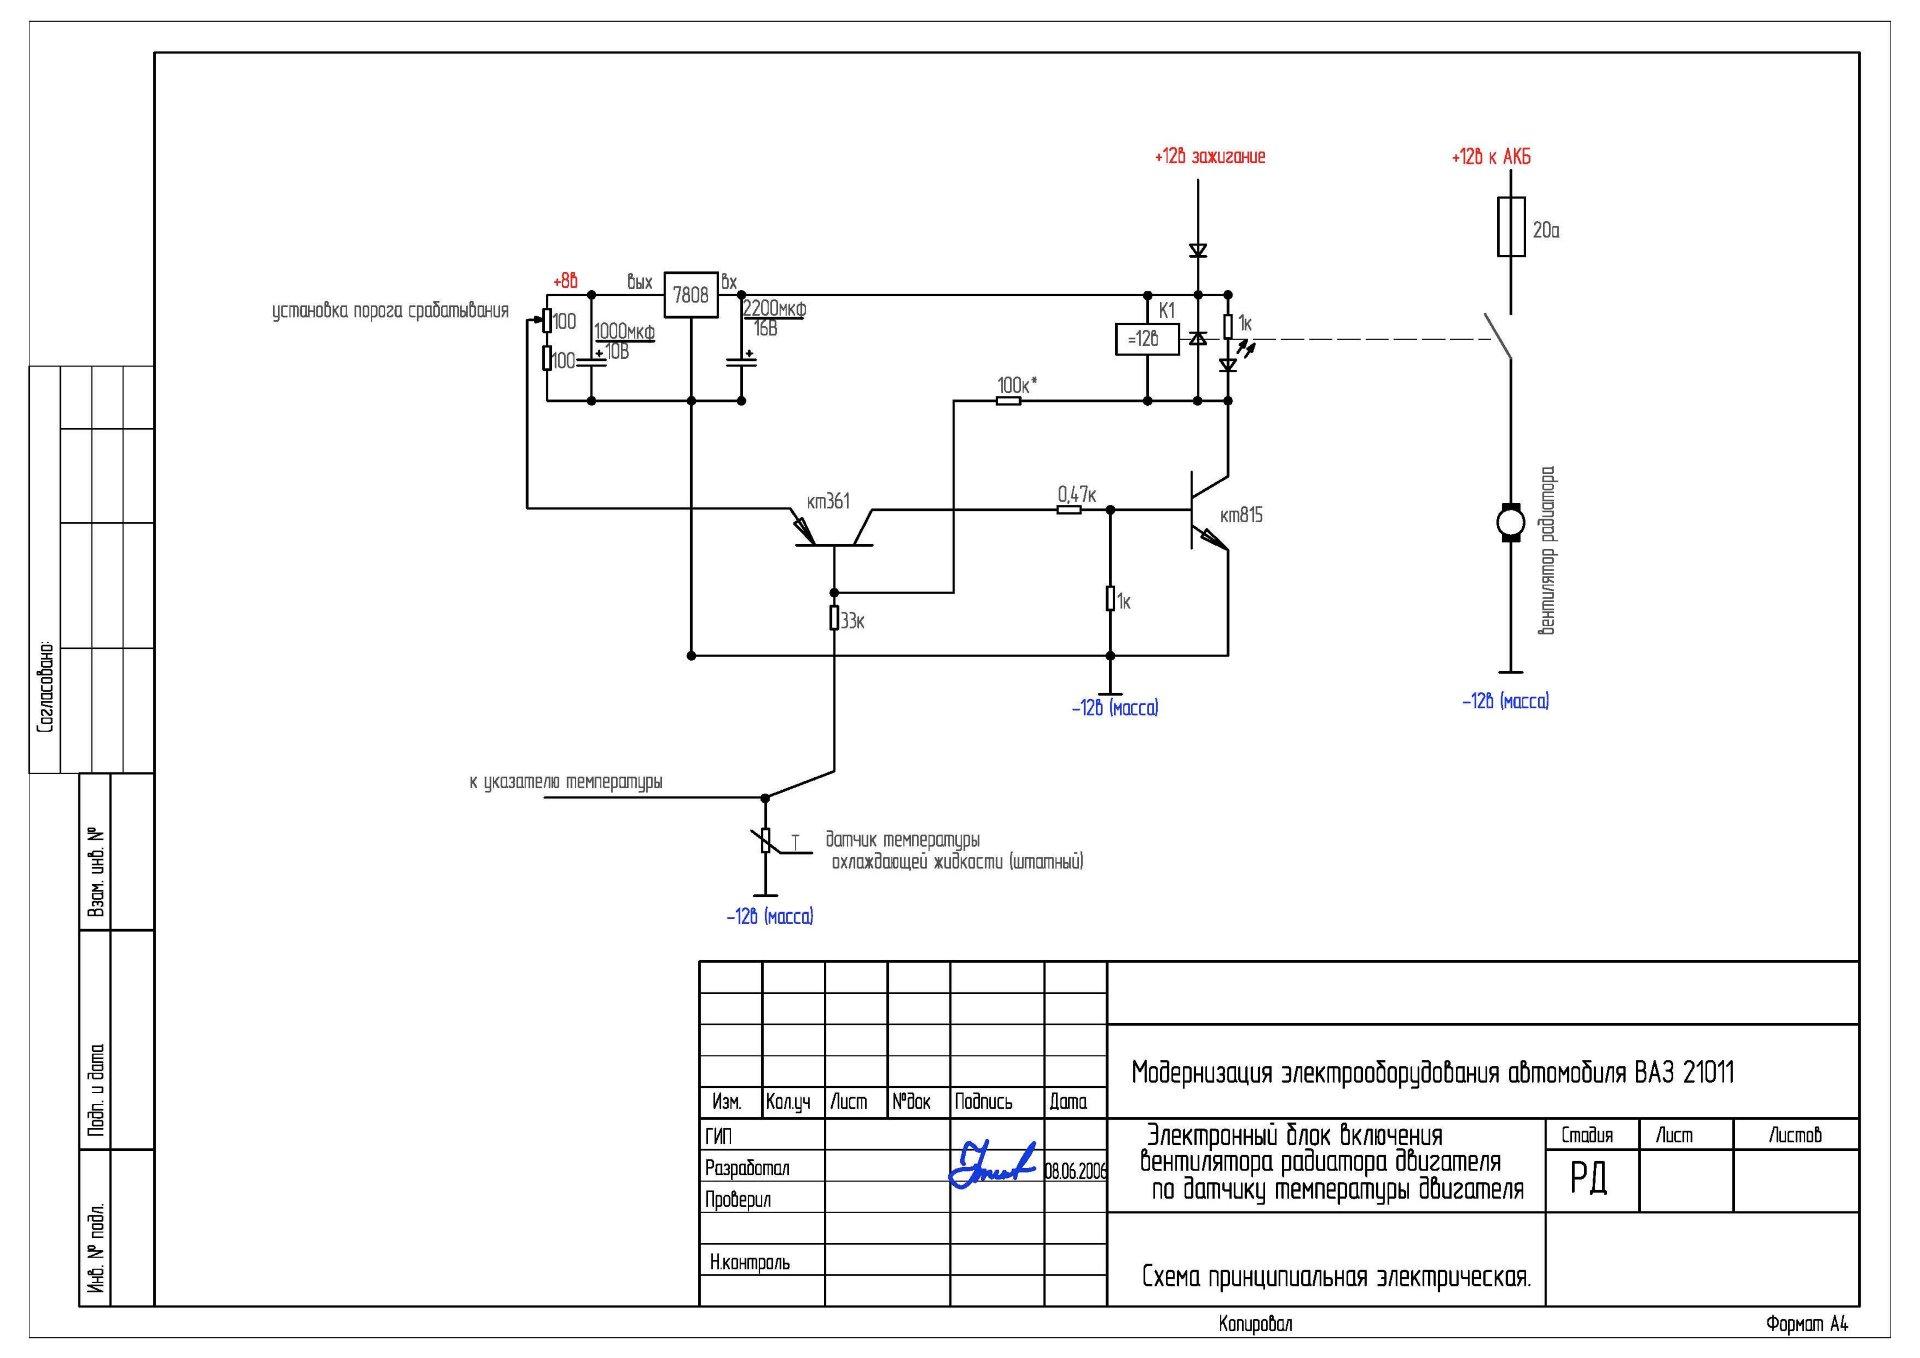 схема включения эл-вентилятора радиатора по температуре ДВИГАТЕЛЯ, а не РАДИАТОРА.